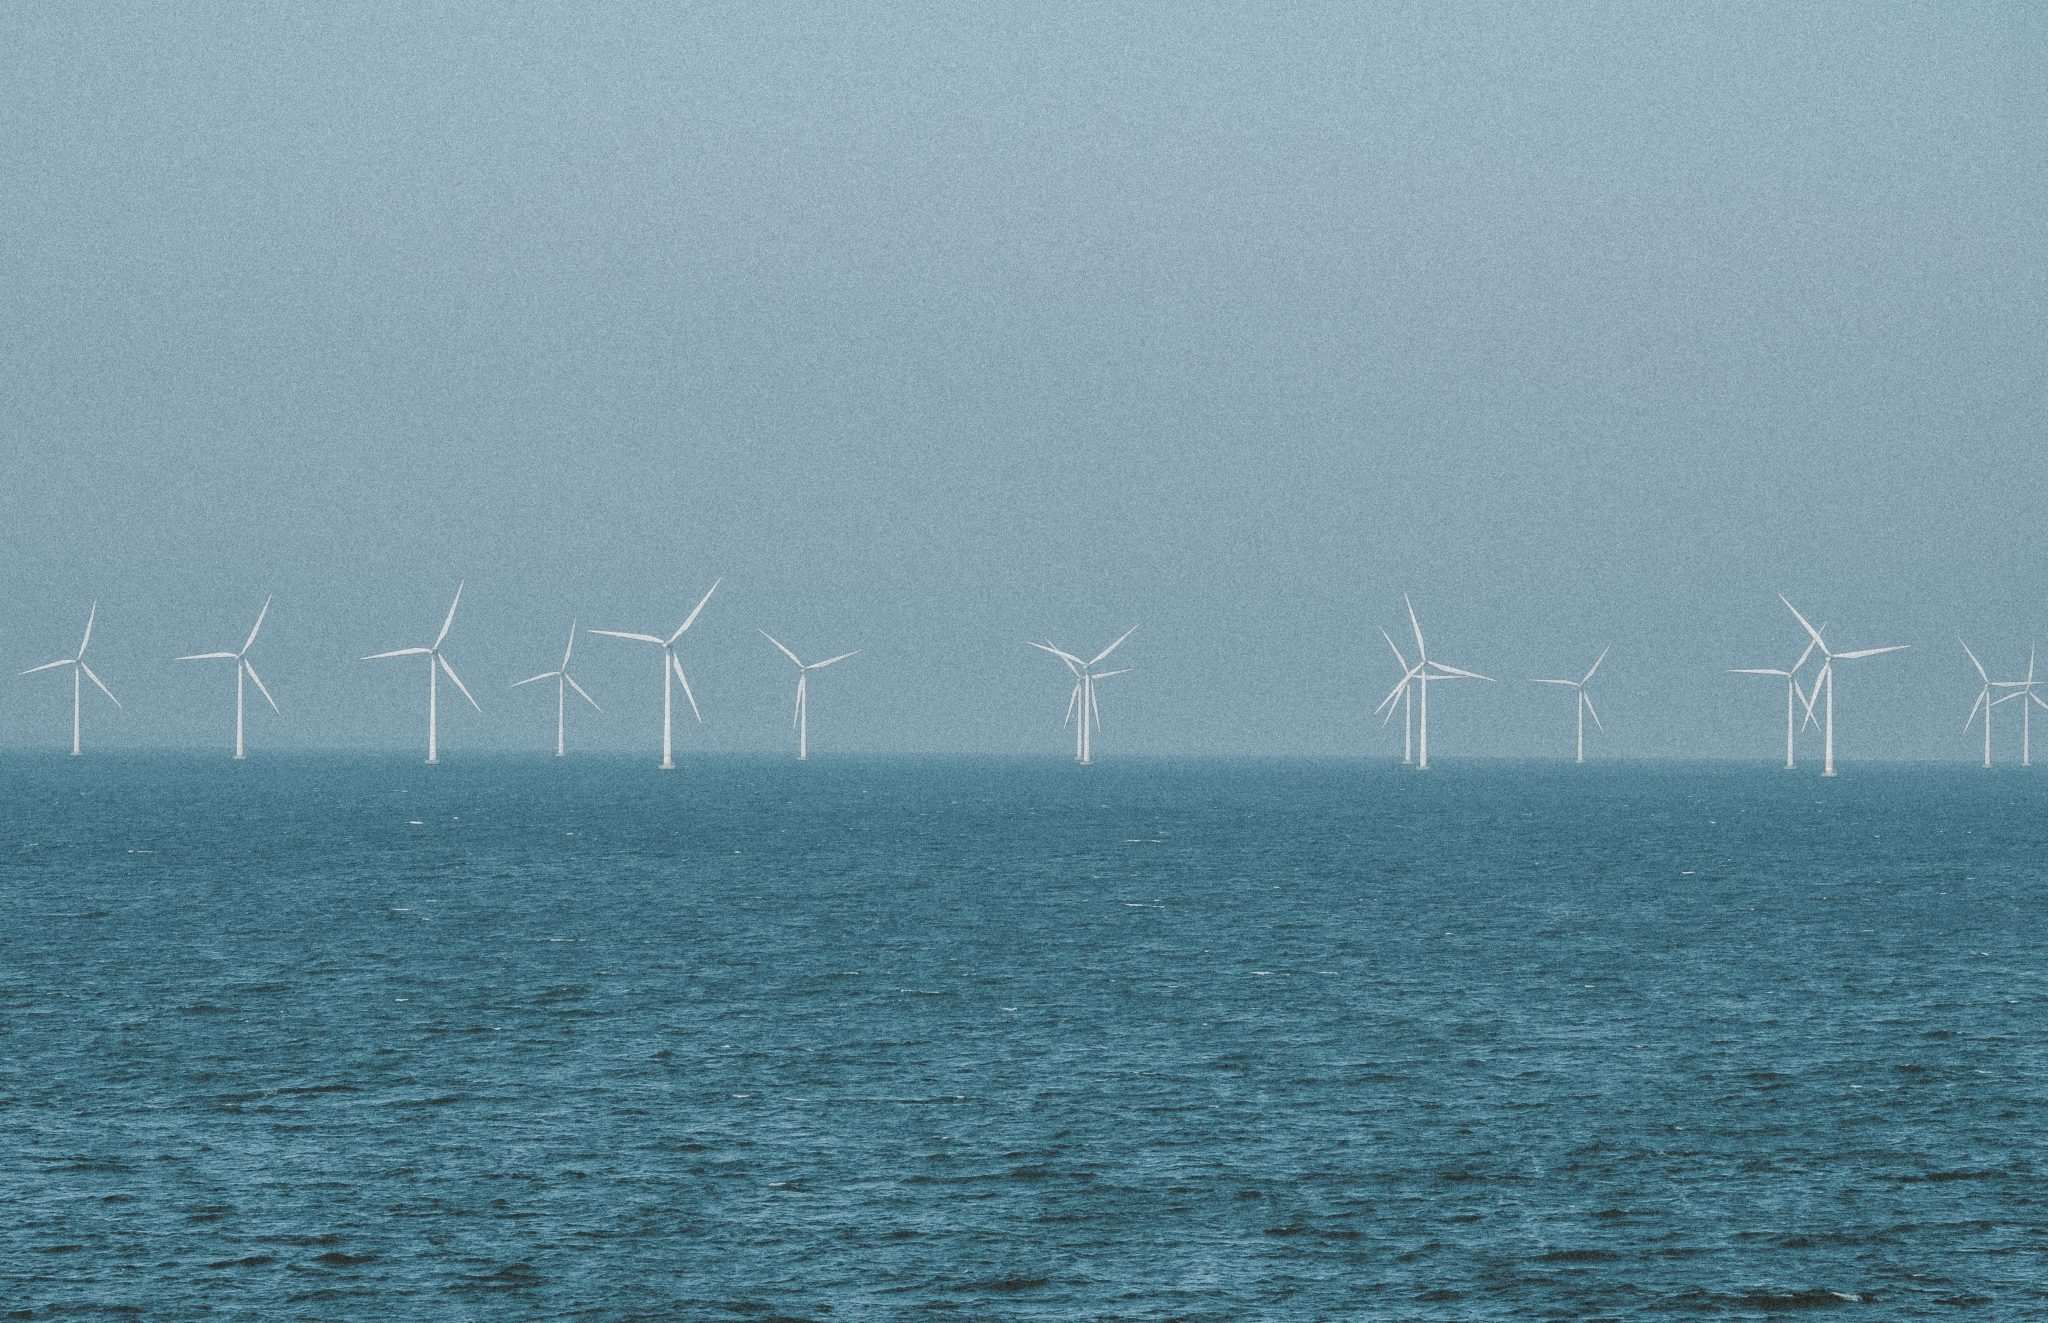 Viele Windräder stehen in der Ferne im Meer, das Wetter sieht stürmisch aus